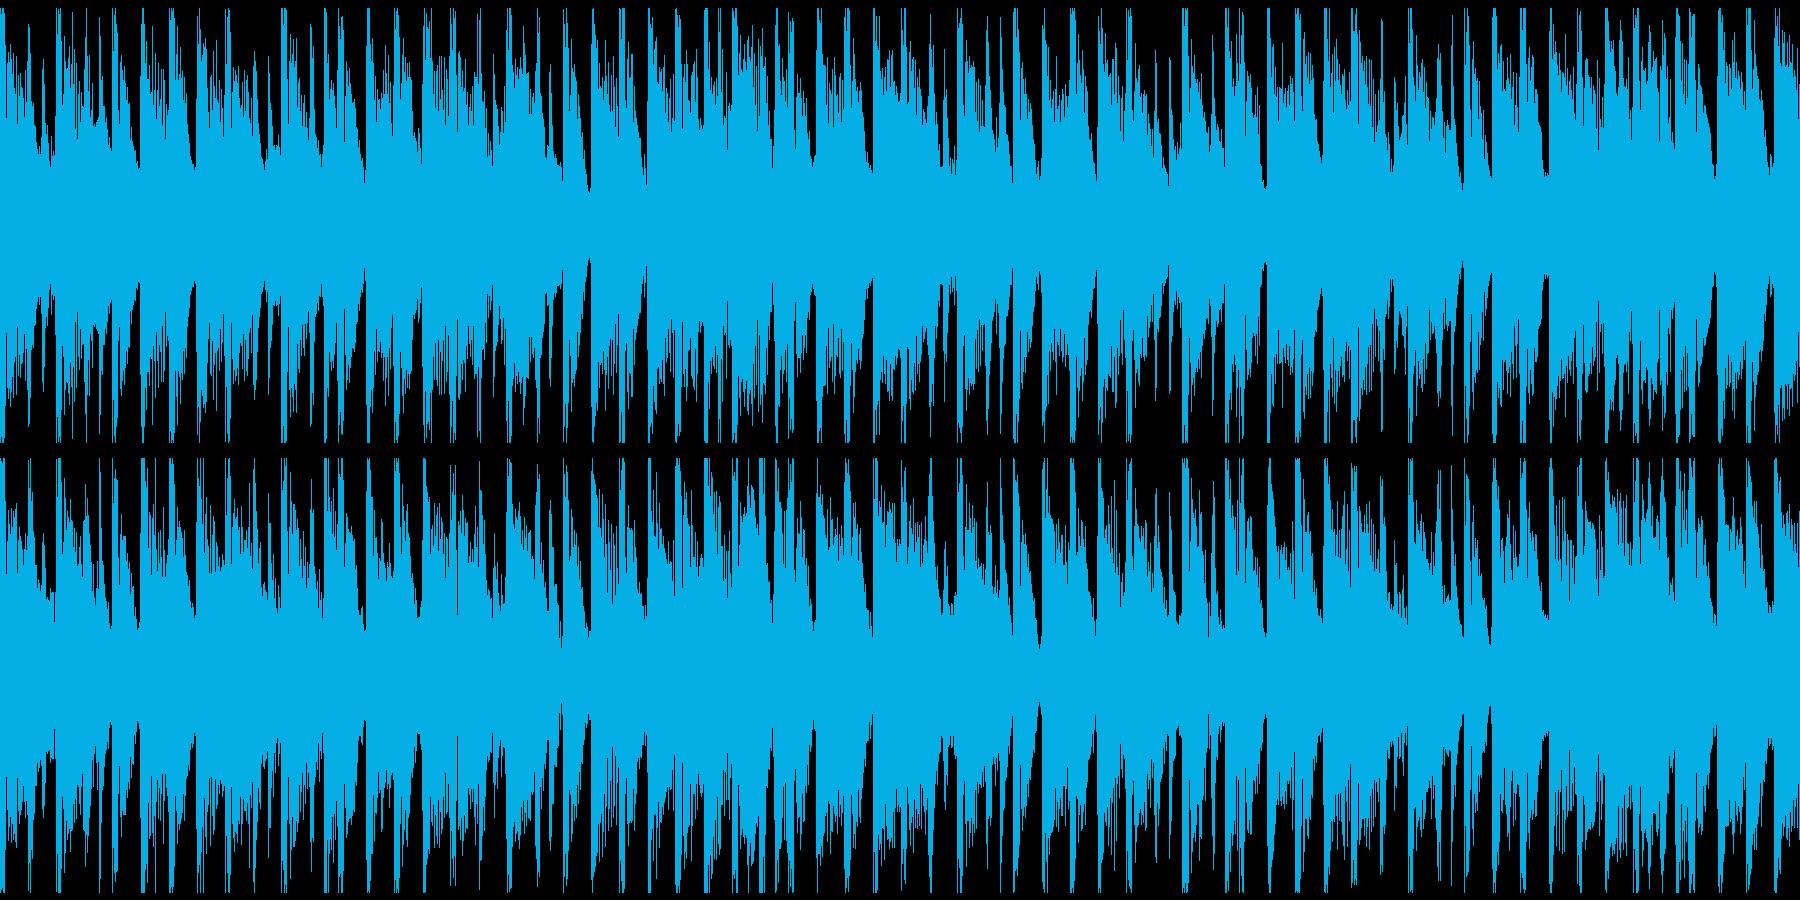 フィットネスモチベーション(ループ)の再生済みの波形